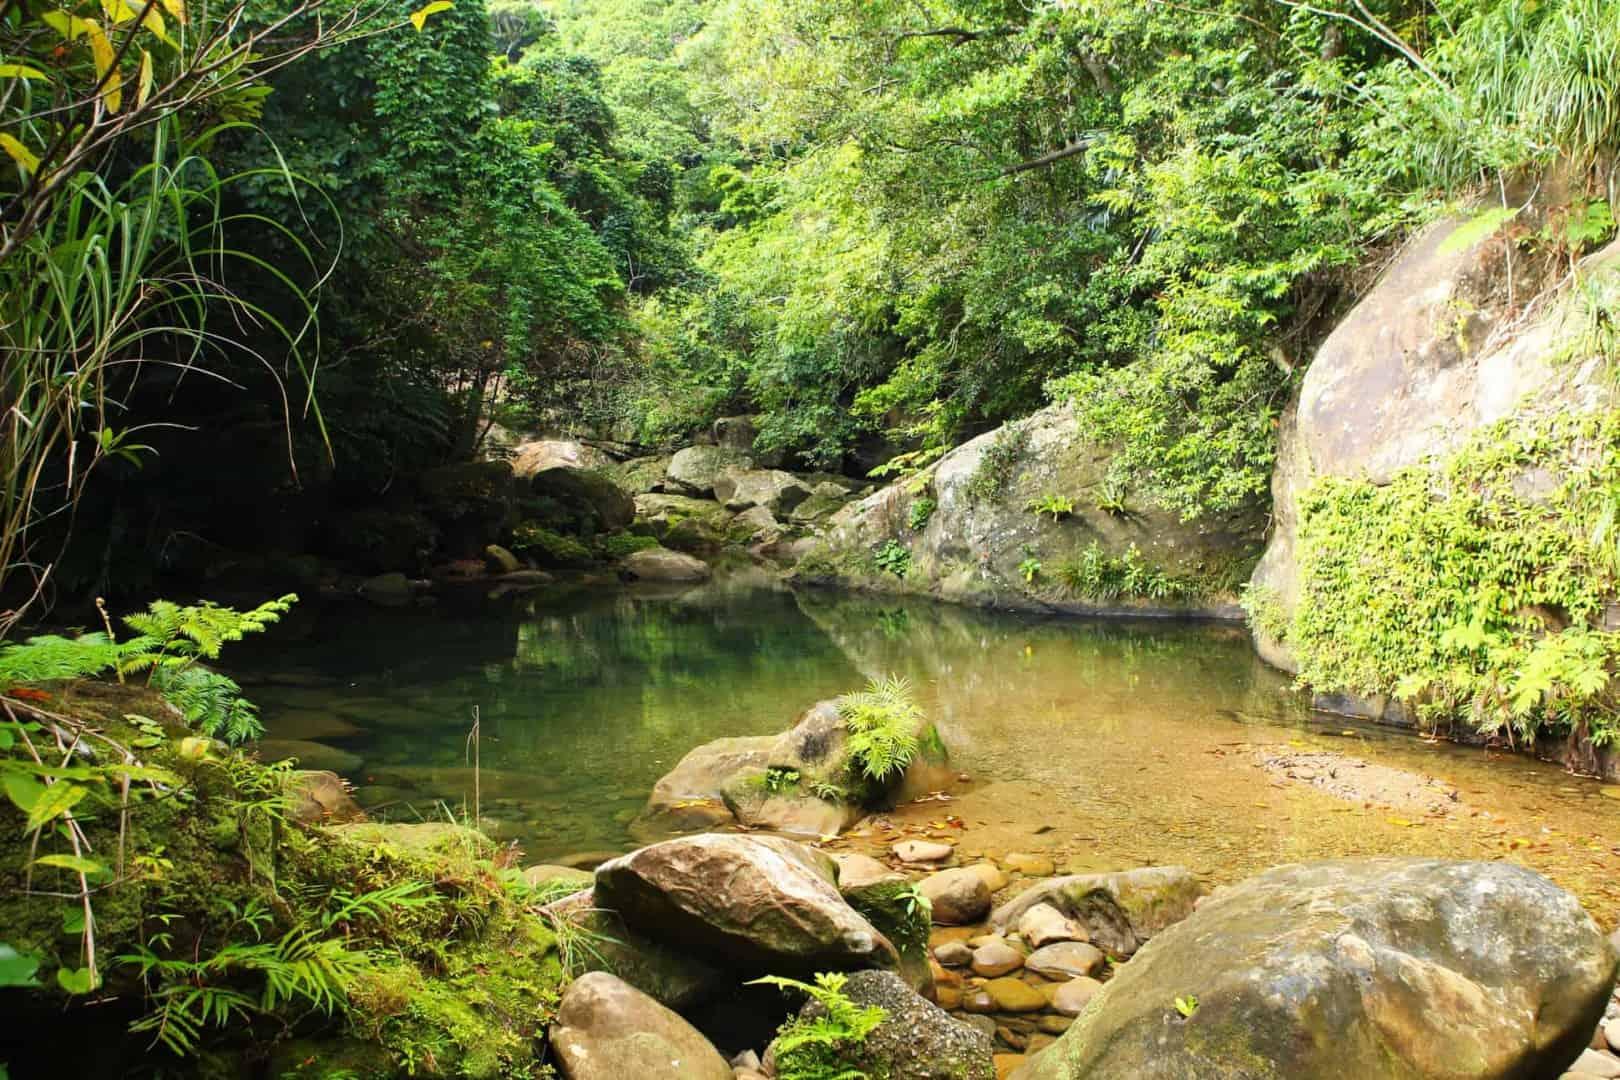 154 : Expeditionen zu den Biotopen der Aquarienfische Teil 2 (Heiko Blessin) 98